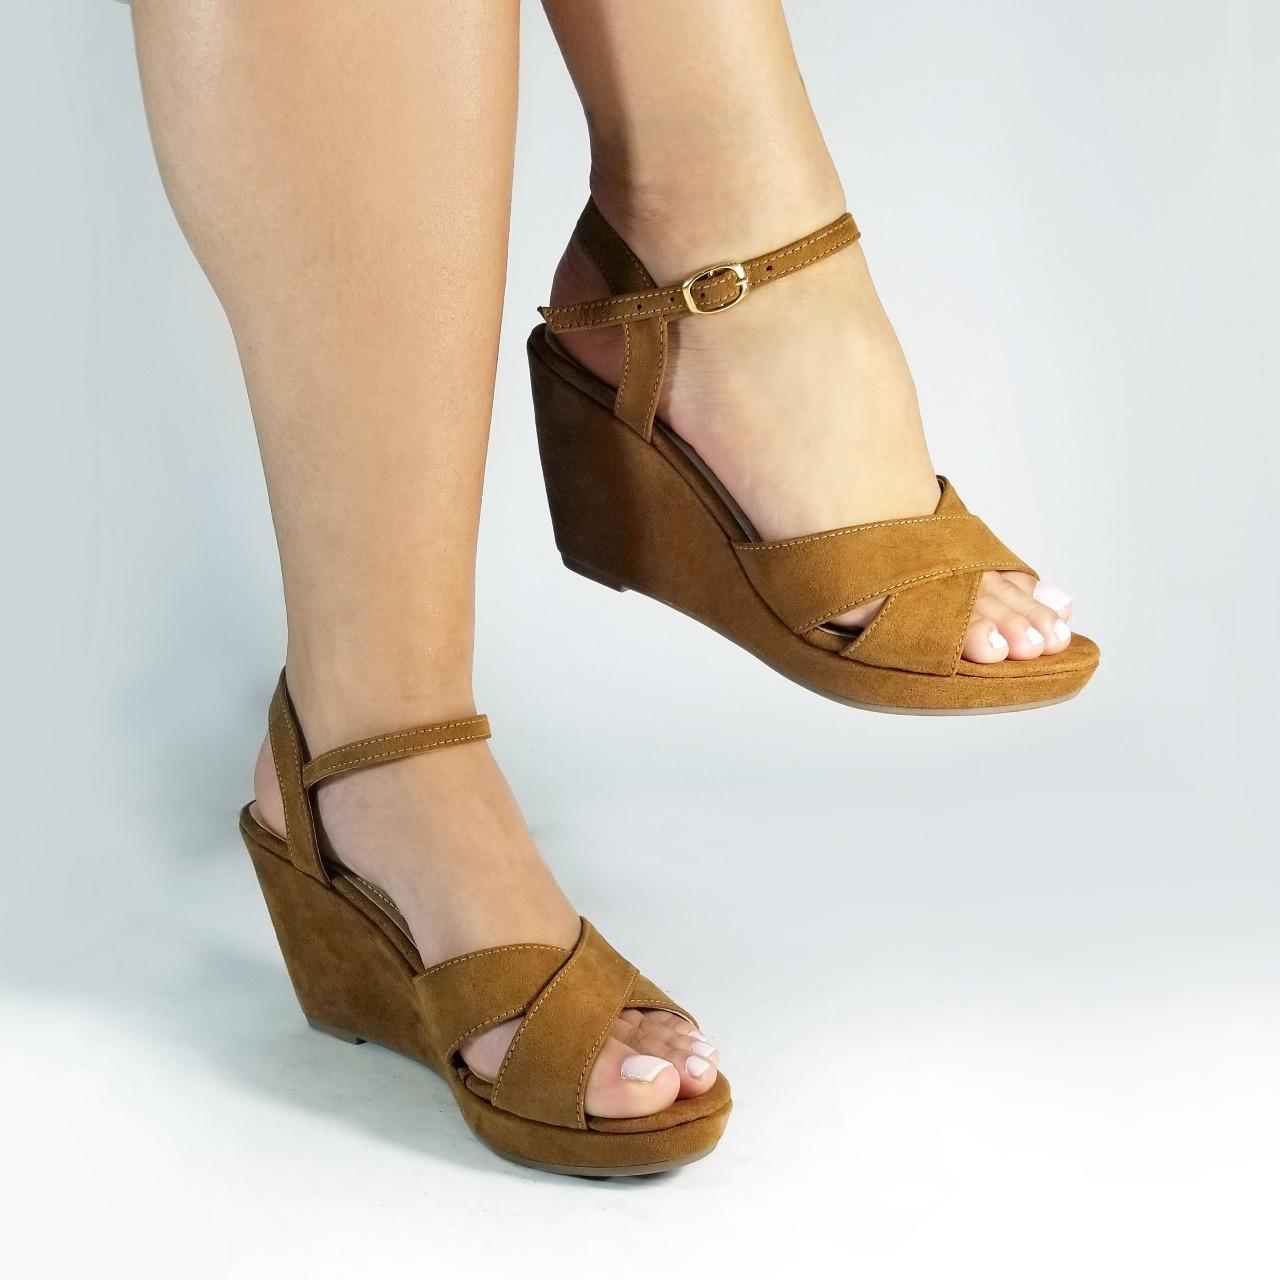 Y S759 Zapatos En Negro Mujer Miel Plataforma Colores OZuPkXlwiT